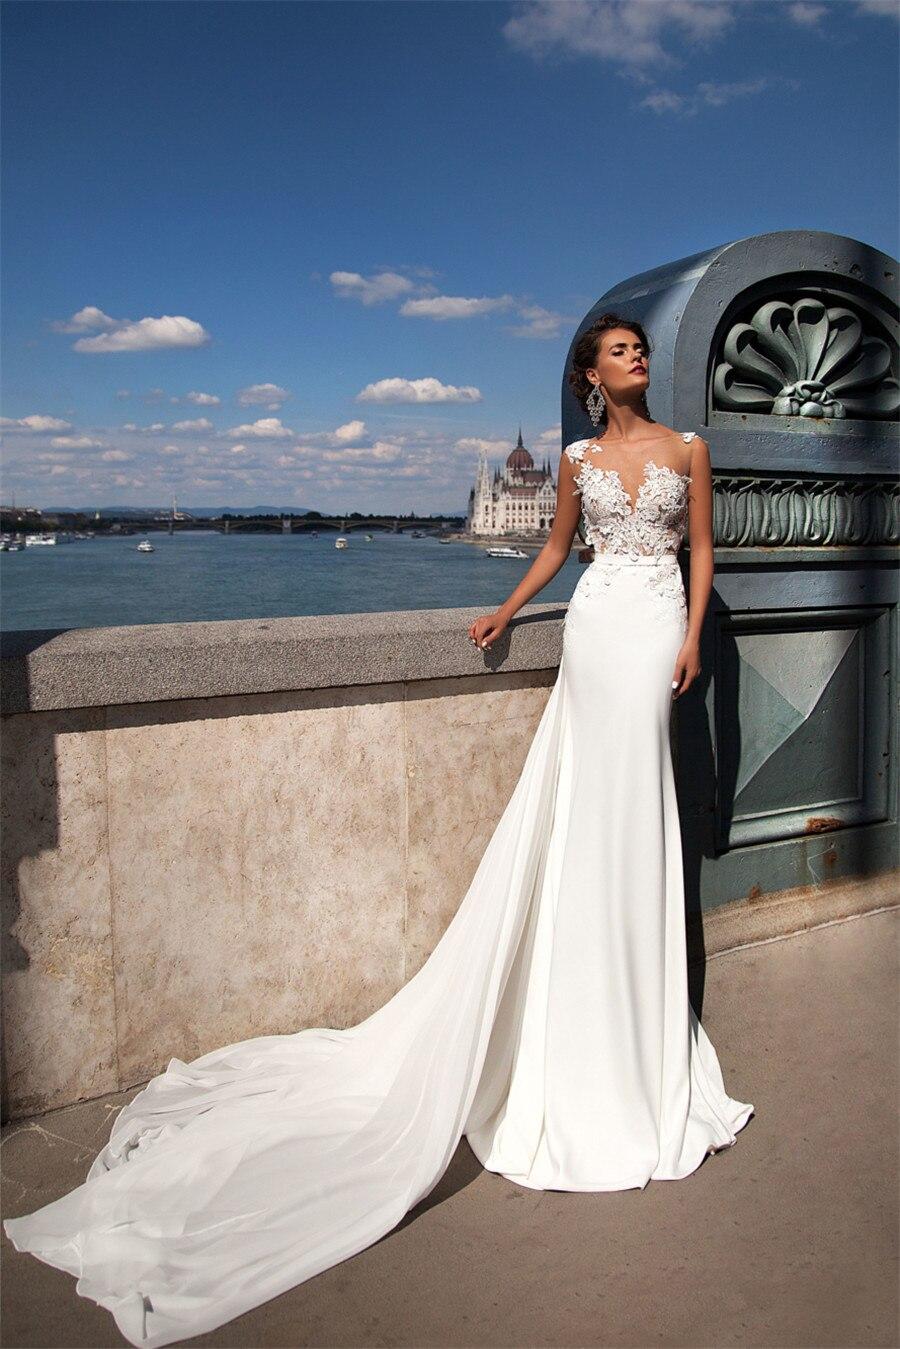 Ungewöhnlich Brautkleider Preisspanne Ideen - Hochzeit Kleid Stile ...